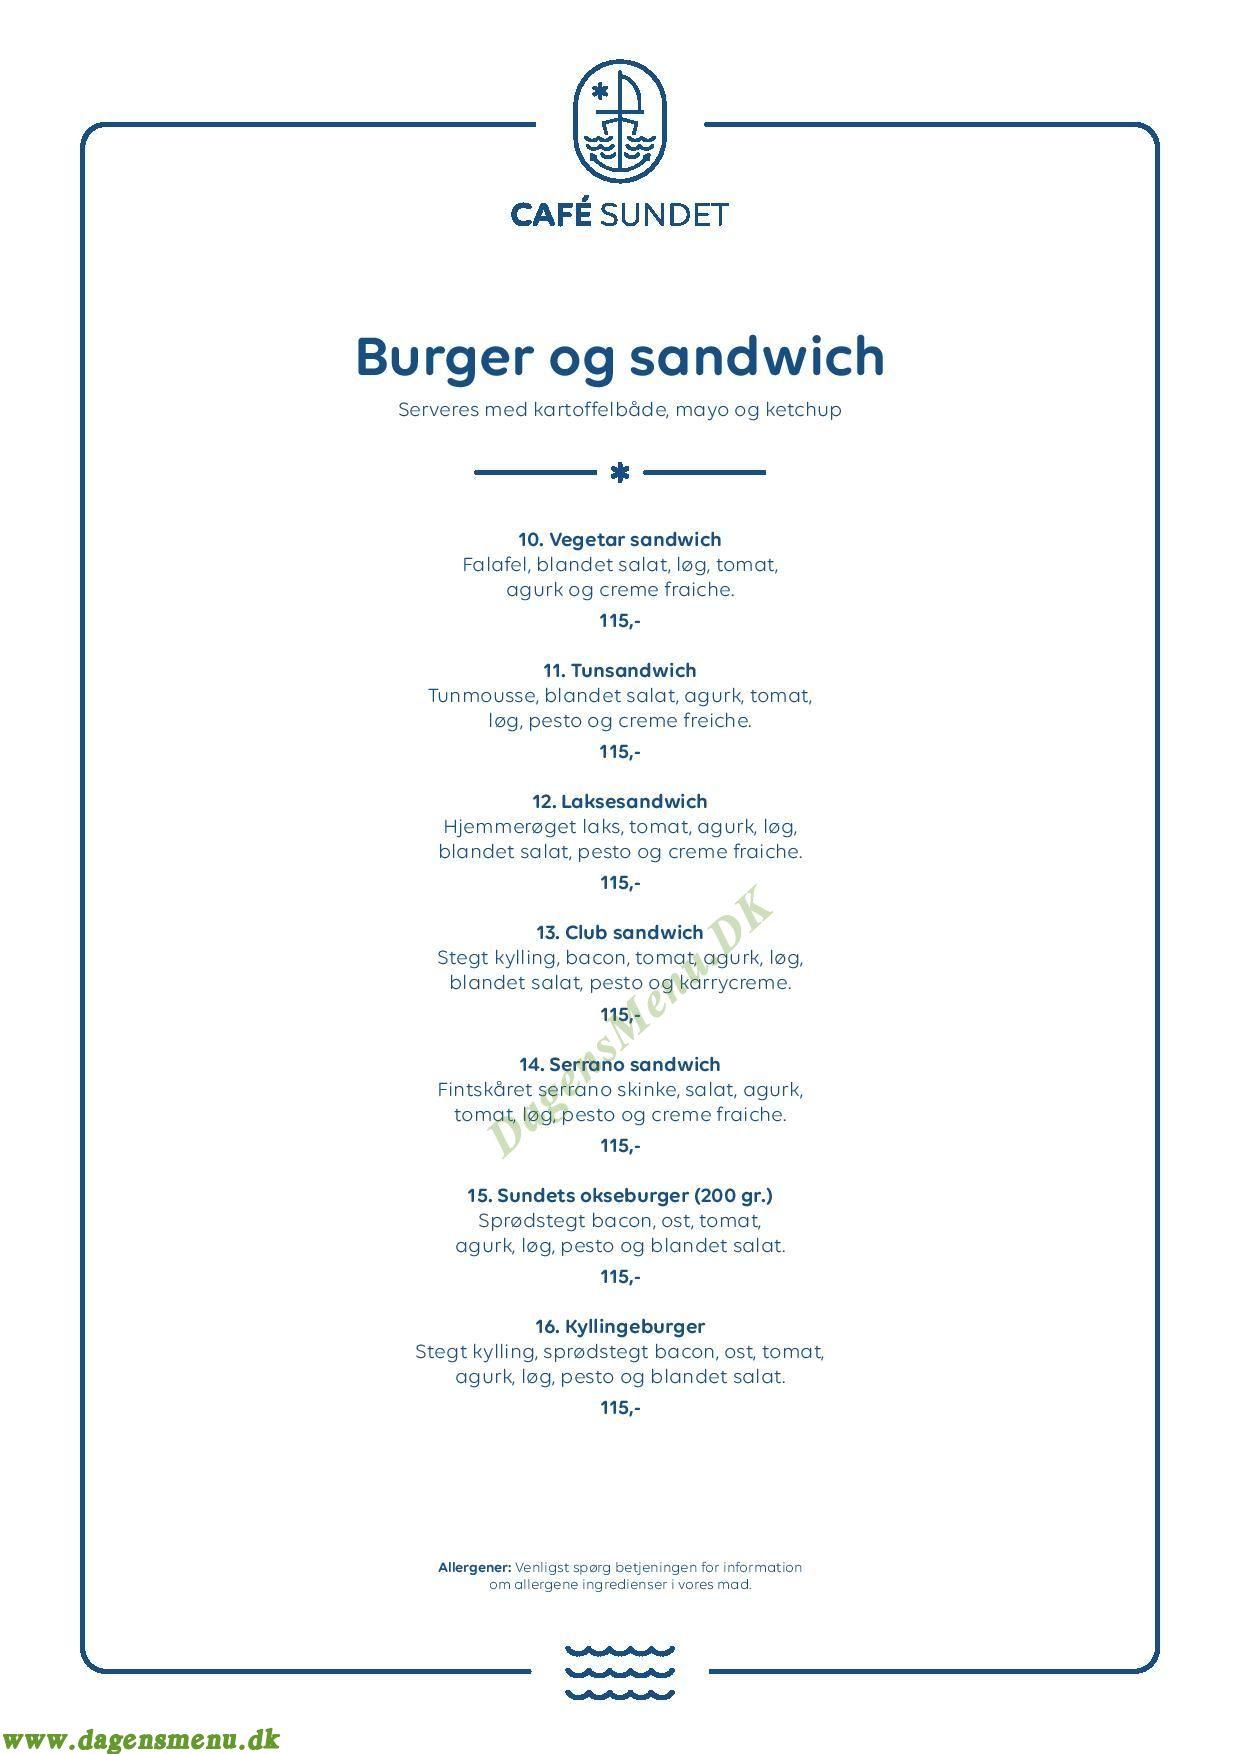 Café Sundet Østerbro - Menukort